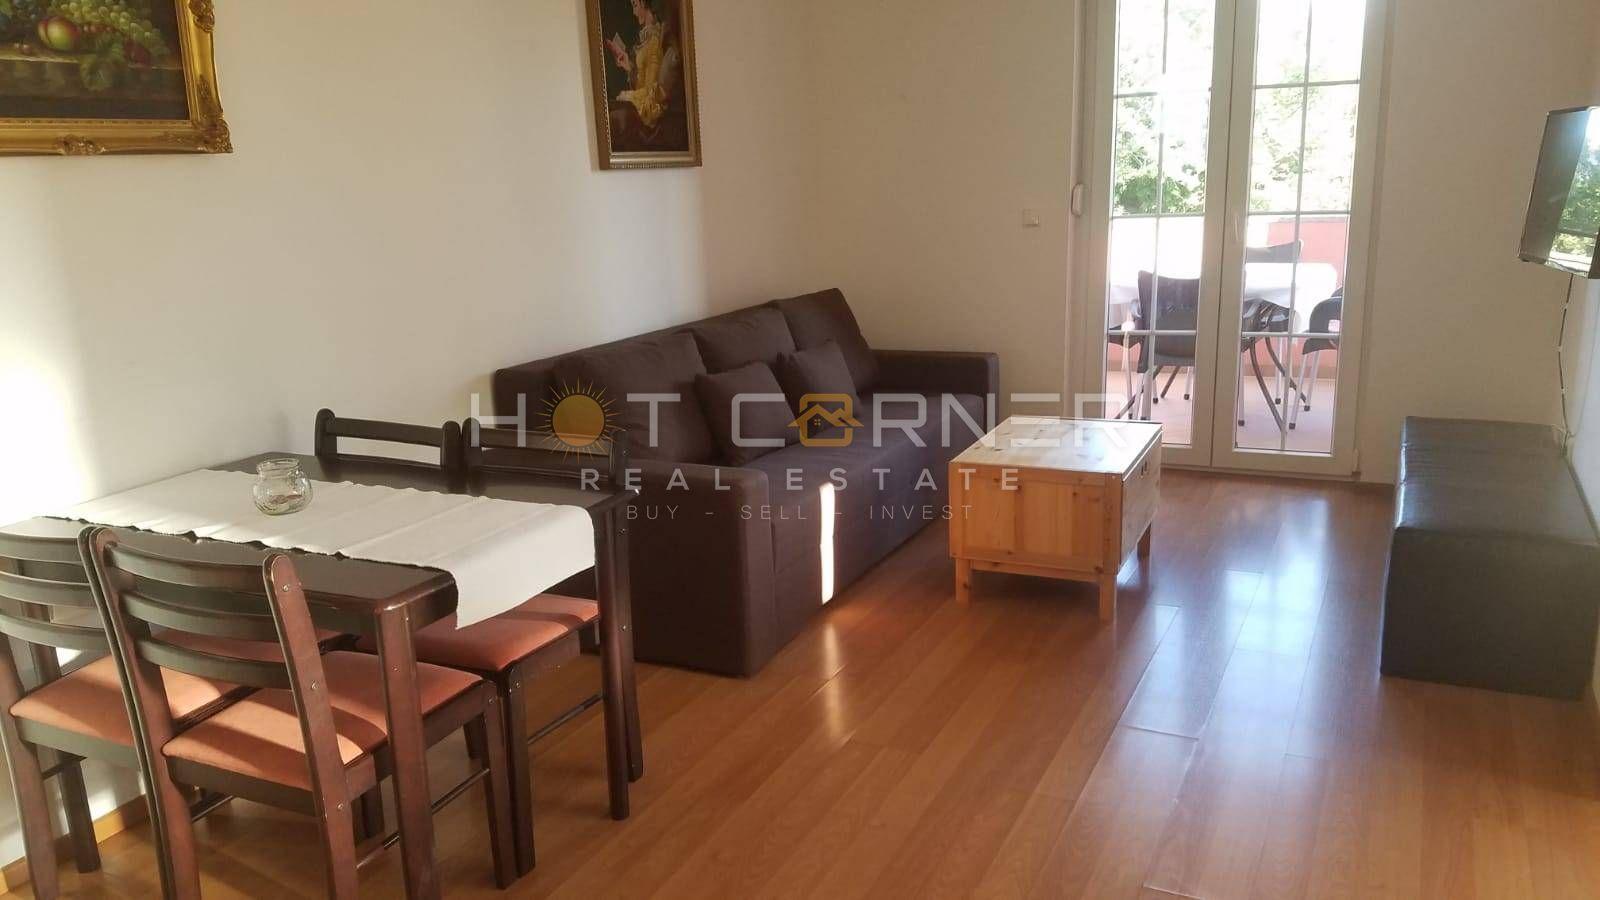 Prilika: stan u Medulinu sa dva apartmana u blizini plaže